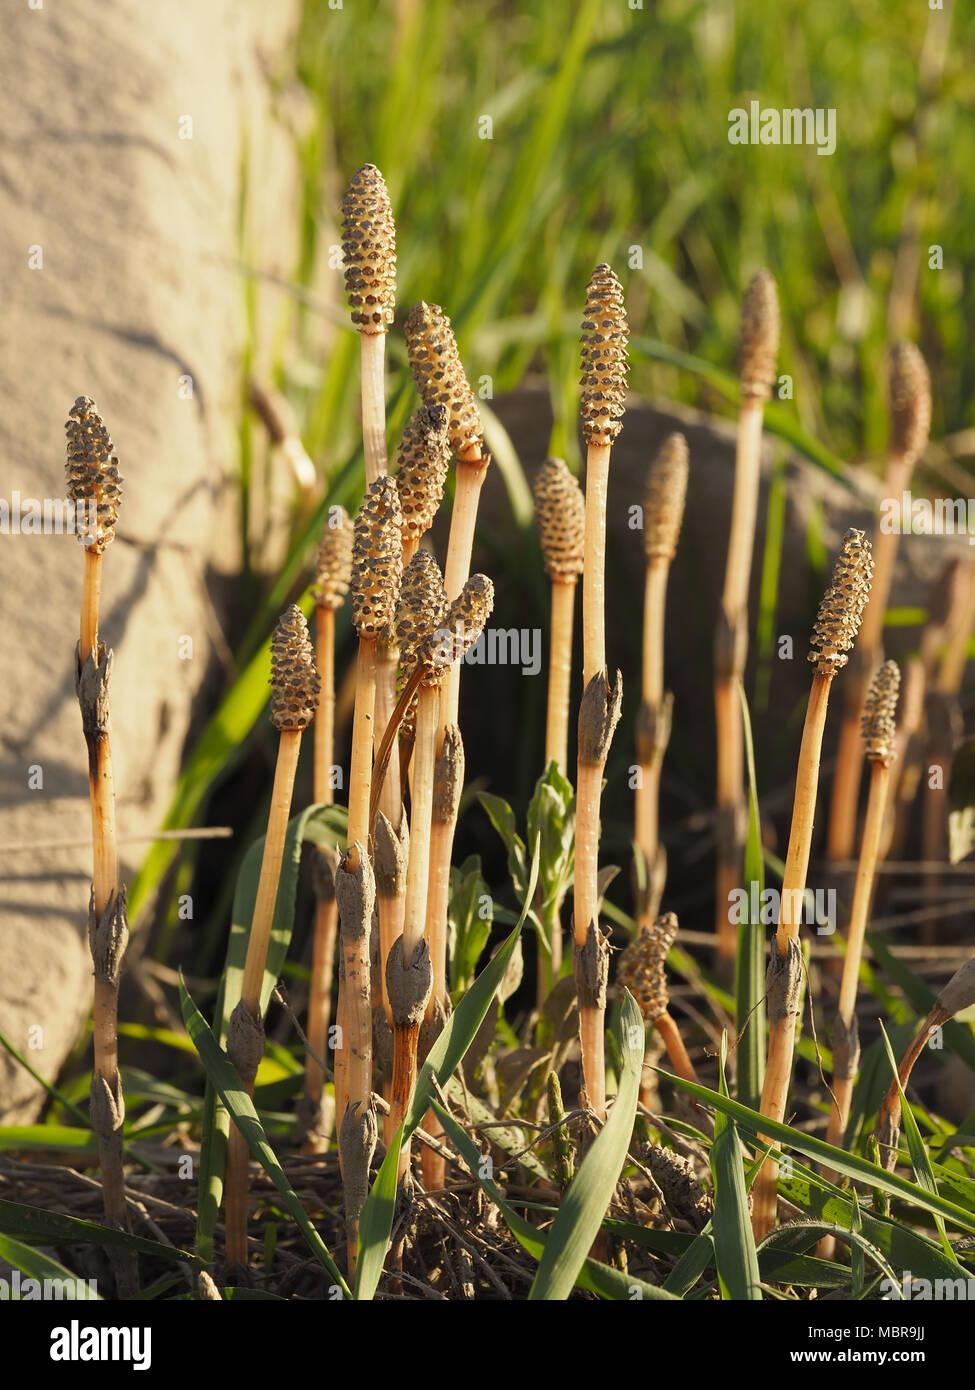 Equisetum arvense, la prêle des champs ou prêle commune, est une plante herbacée vivace plante en Equisetopsida Banque D'Images